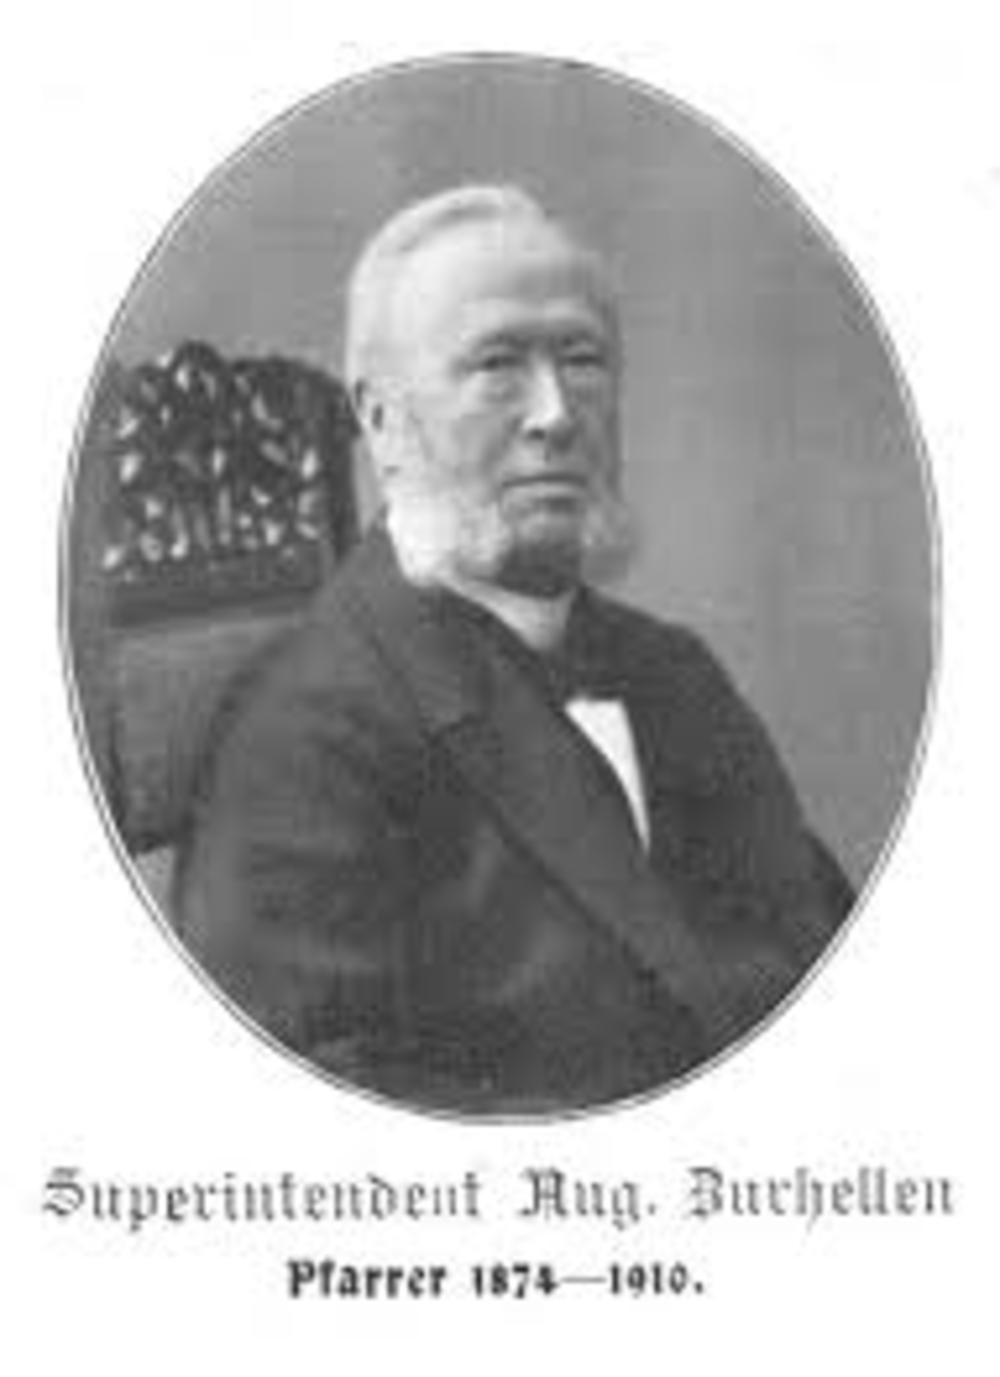 Pfarrer August Wilhelm Zurhellen 1865 - 1874